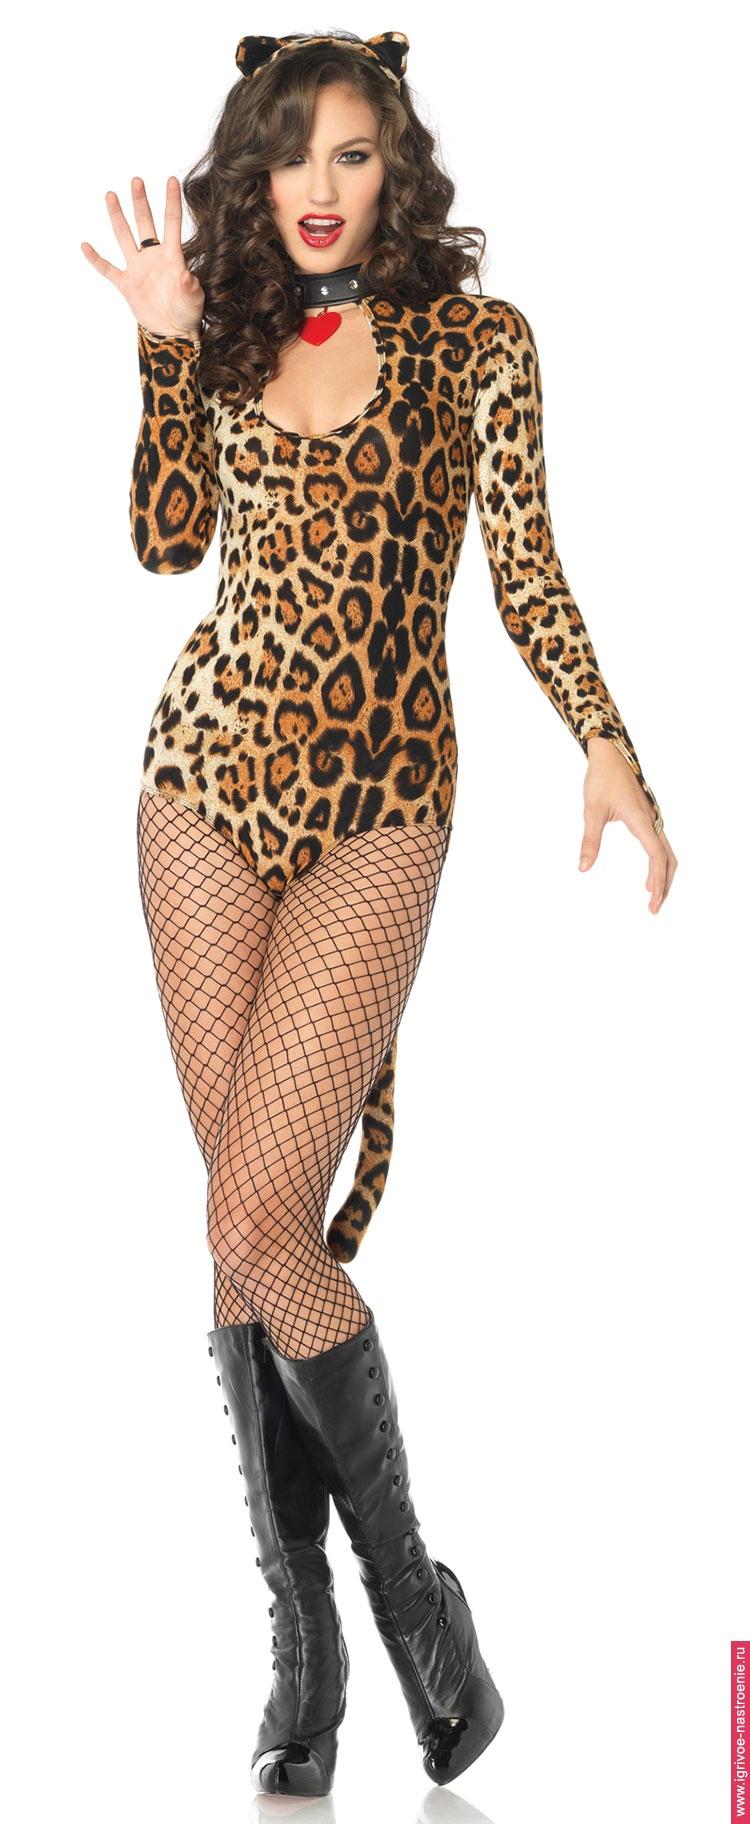 Секс в леопардовом костюме 4 фотография